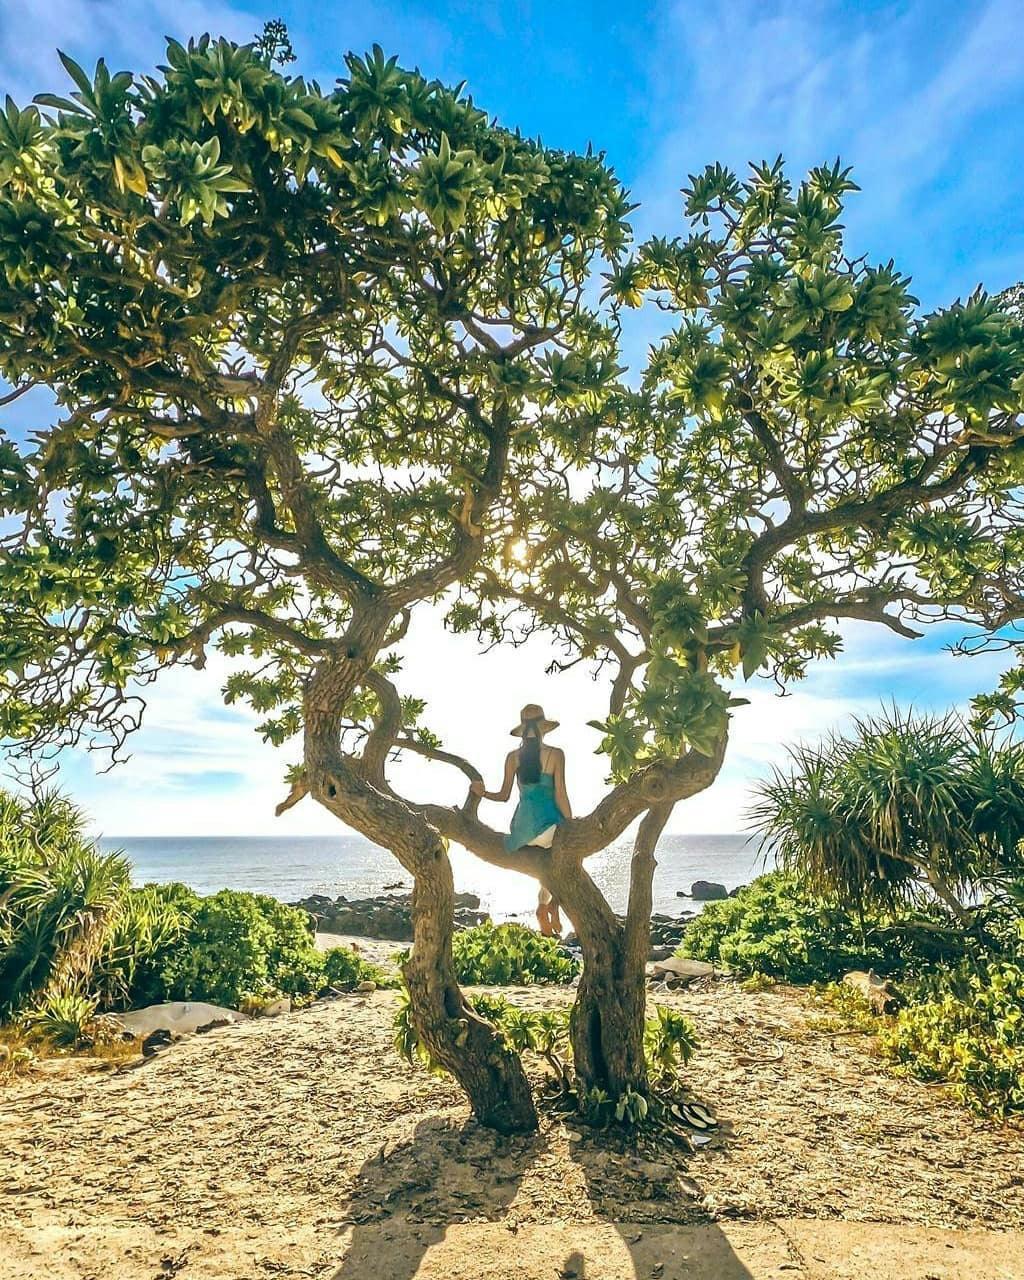 Hè này lập kèo vi vu 4 đảo cù lao tuyệt đẹp ở miền Trung Ảnh 6